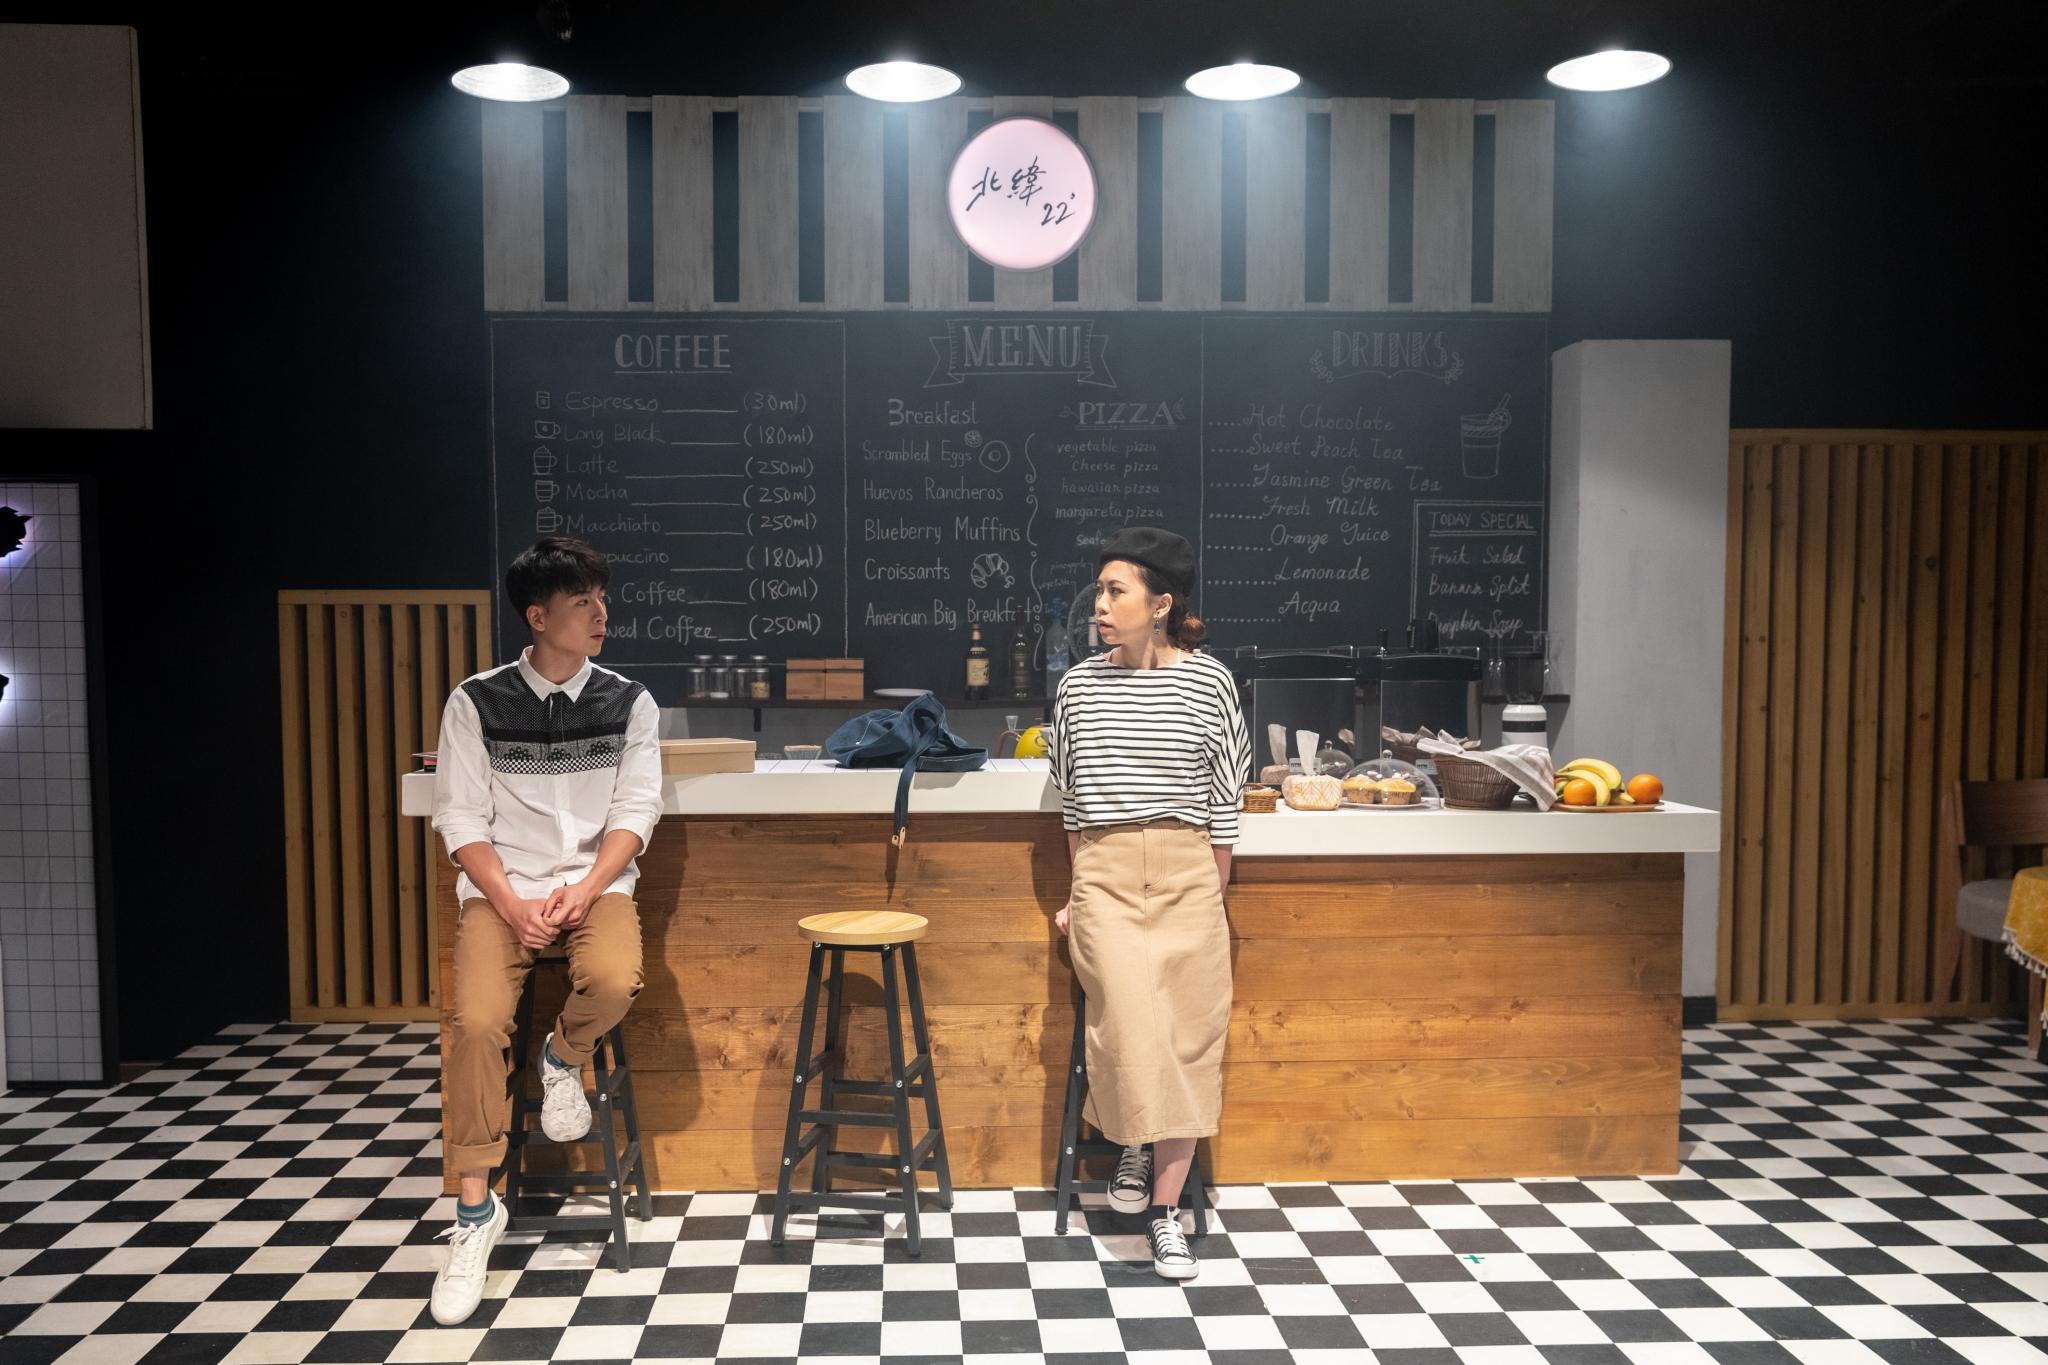 《北緯22°咖啡店》演出照(劇照由曉角話劇研進社提供)